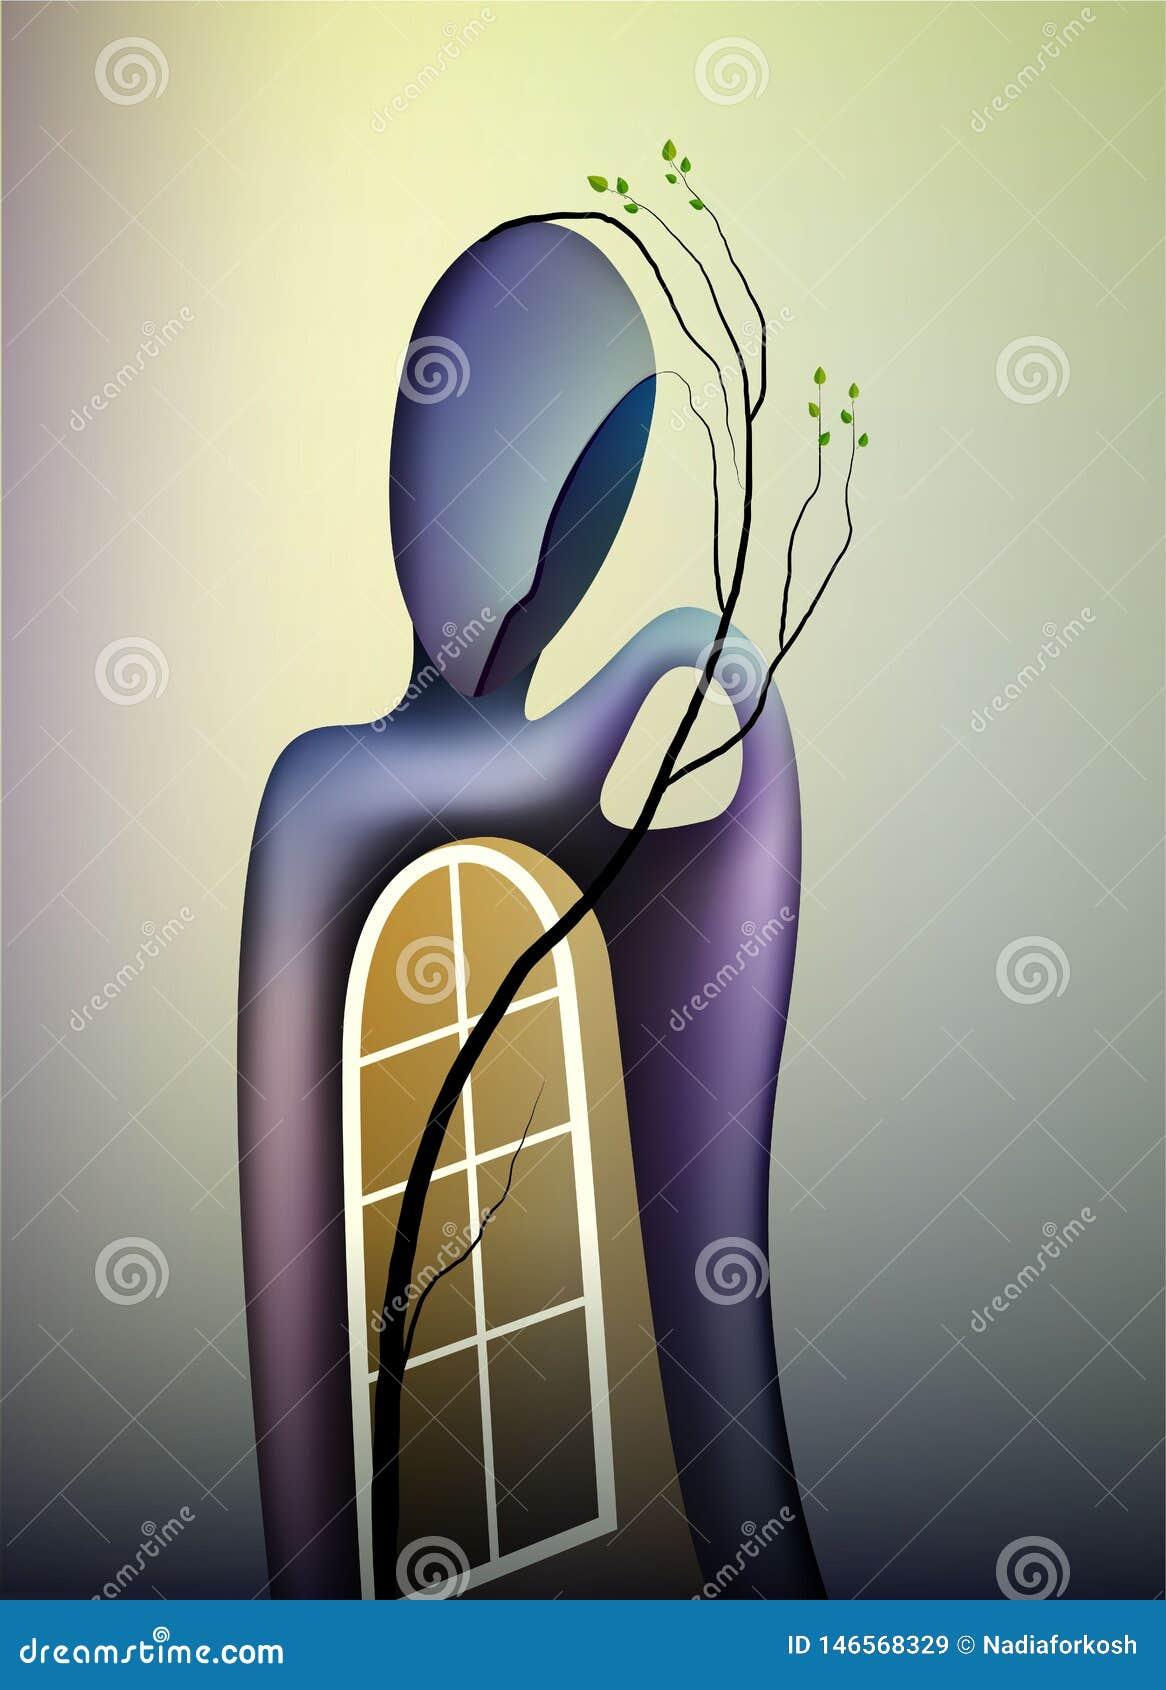 De lente in zielconcept, vorm van geheugen, de mens met open venster en tak van boom binnen het groeien, de eigentijdse lente